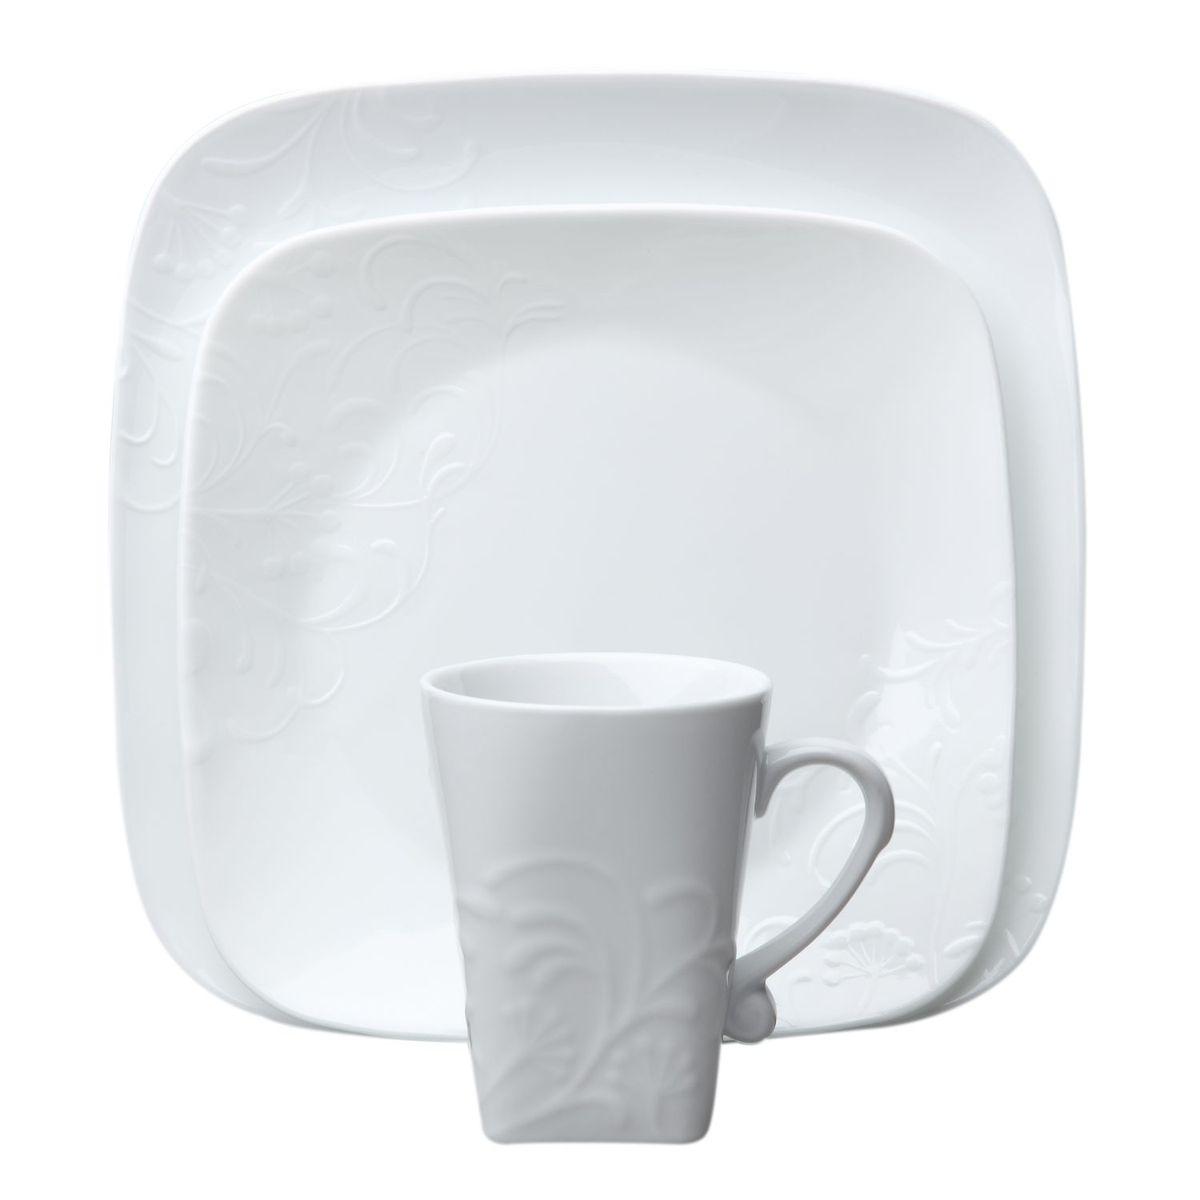 Набор посуды Cherish 16пр, цвет: белый540133Преимуществами посуды Corelle являются долговечность, красота и безопасность в использовании. Вся посуда Corelle изготавливается из высококачественного ударопрочного трехслойного стекла Vitrelle и украшена деколями американских и европейских дизайнеров. Рисунки не стираются и не царапаются, не теряют свою яркость на протяжении многих лет. Посуда Corelle не впитывает запахов и очень долгое время выглядит как новая. Уникальная эмаль, используемая во время декорирования, фактически становится единым целым с поверхностью стекла, что гарантирует долгое сохранение нанесенного рисунка. Еще одним из главных преимуществ посуды Corelle является ее безопасность. В производстве используются только безопасные для пищи пигменты эмали, при производстве посуды не применяется вредный для здоровья человека меламин. Изделия из материала Vitrelle: Прочные и легкие; Выдерживают температуру до 180С; Могут использоваться в посудомоечной машине и микроволновой печи; Штабелируемые; Устойчивы к царапинам; Ударопрочные; Не содержит меламин.4 обеденные тарелки 26 см; 4 закусочные тарелки 22 см; 4 суповые торелки 650 мл; 4 фарфоровые кружки 340 мл